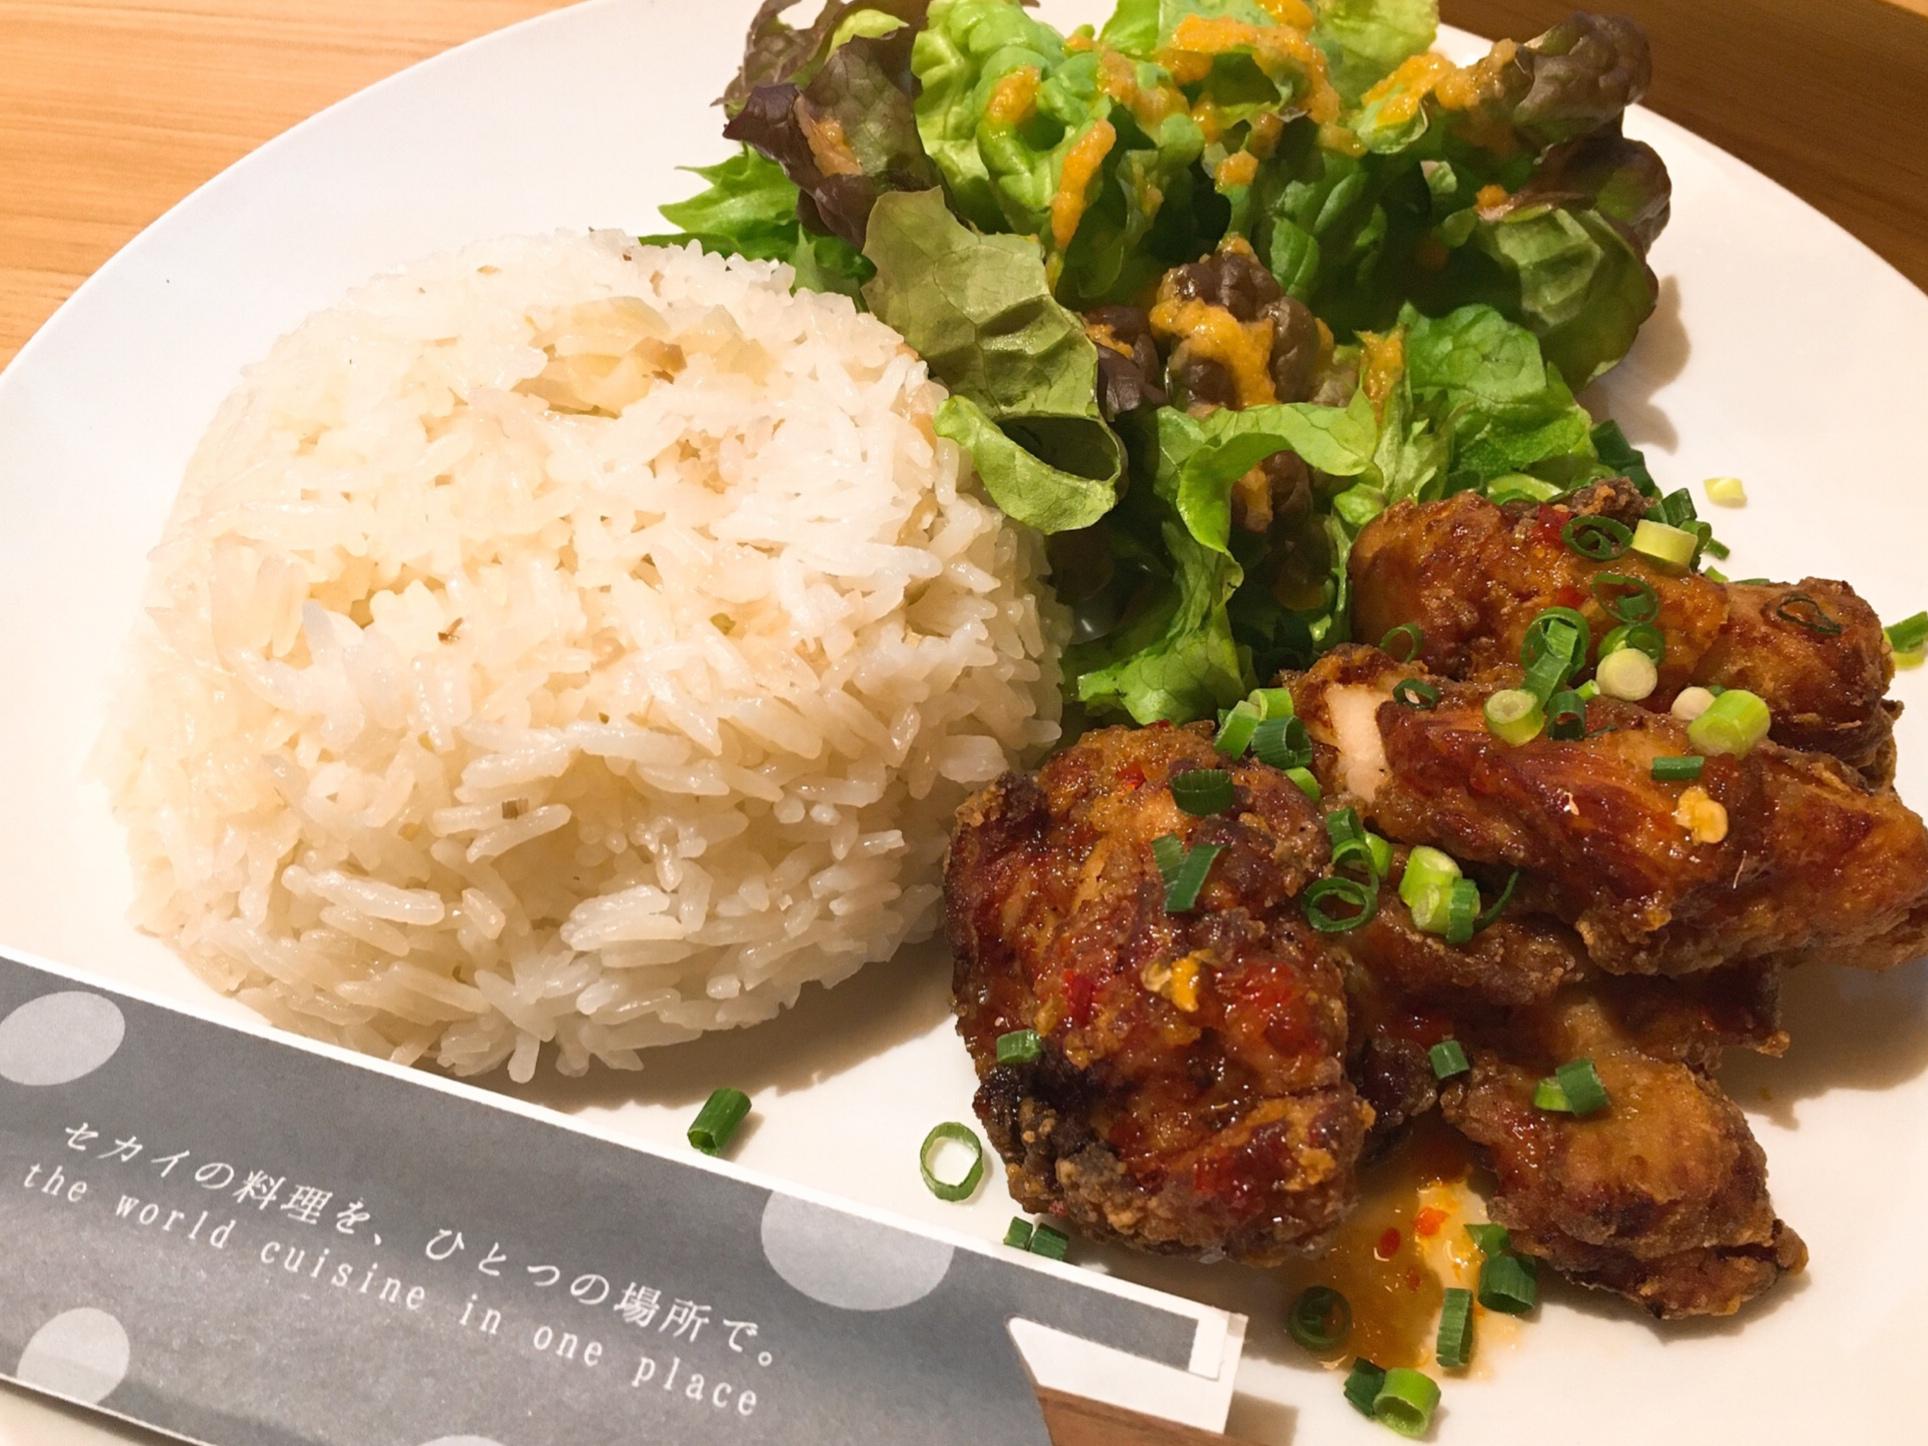 上前津|いざ食のワールドツアーへ!世界一周を成し遂げたオーナーがプロデュースする多国籍料理店